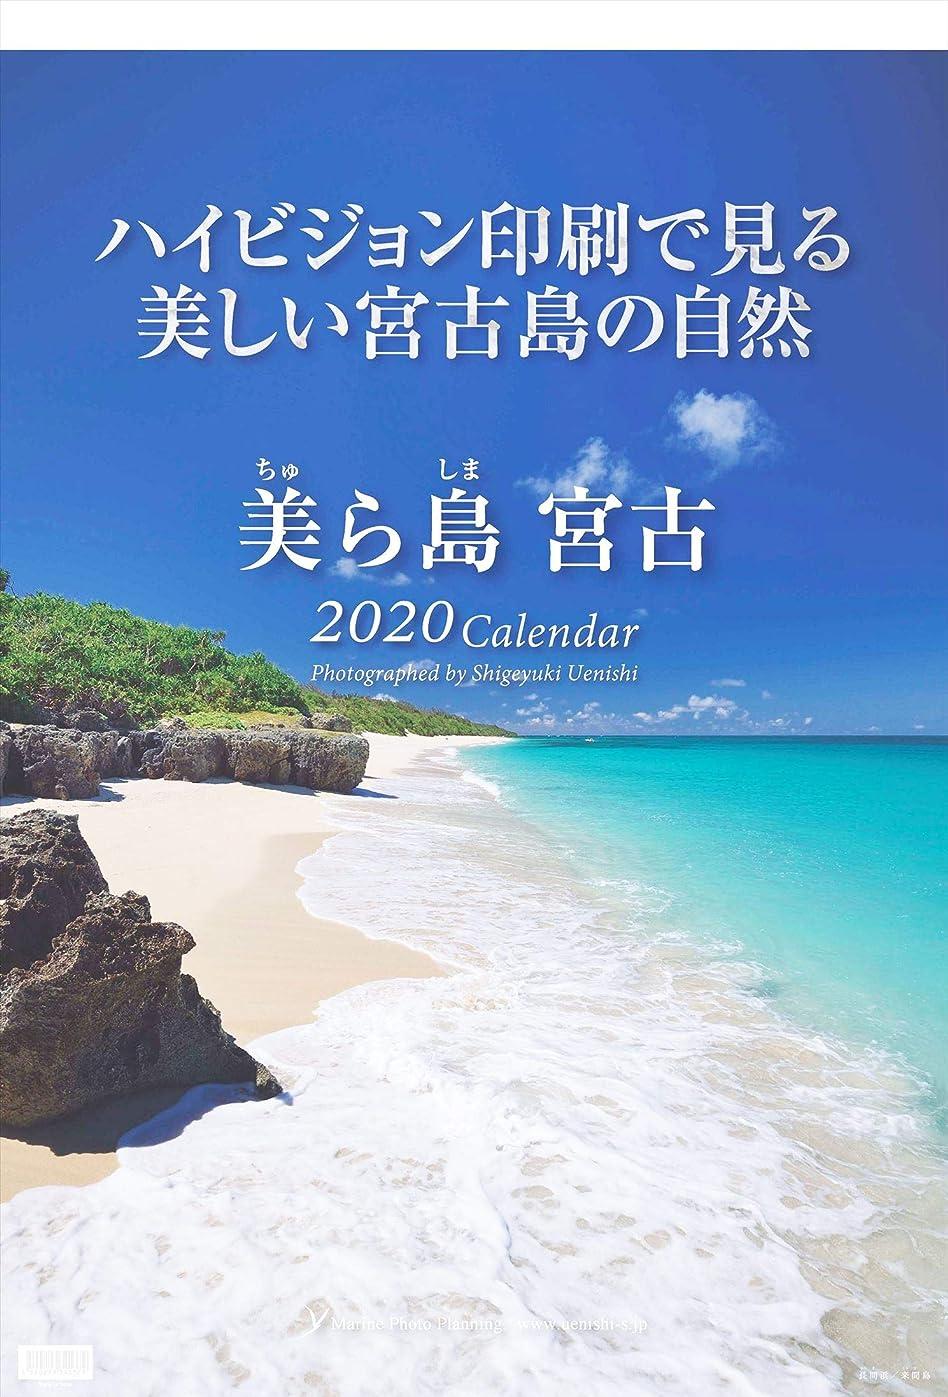 侵入する適応的挑む美ら島宮古 2020年壁掛けカレンダー 写真家 上西重行【マリンフォト企画】